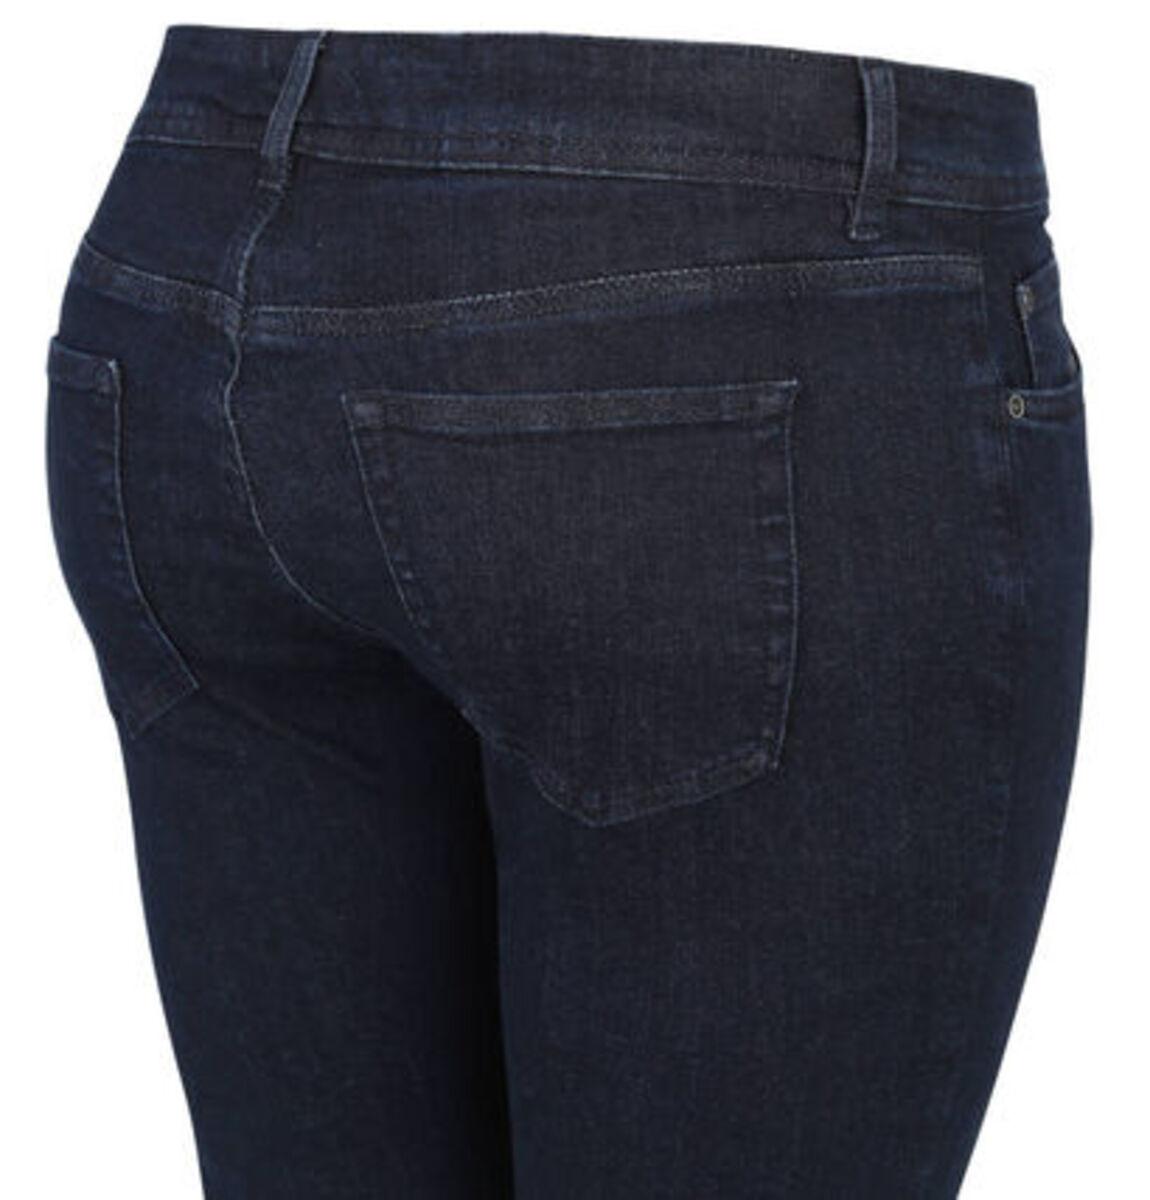 Bild 4 von My True Me Jeans, Skinny Fit, Five-Pocket-Design, große Größen, für Damen